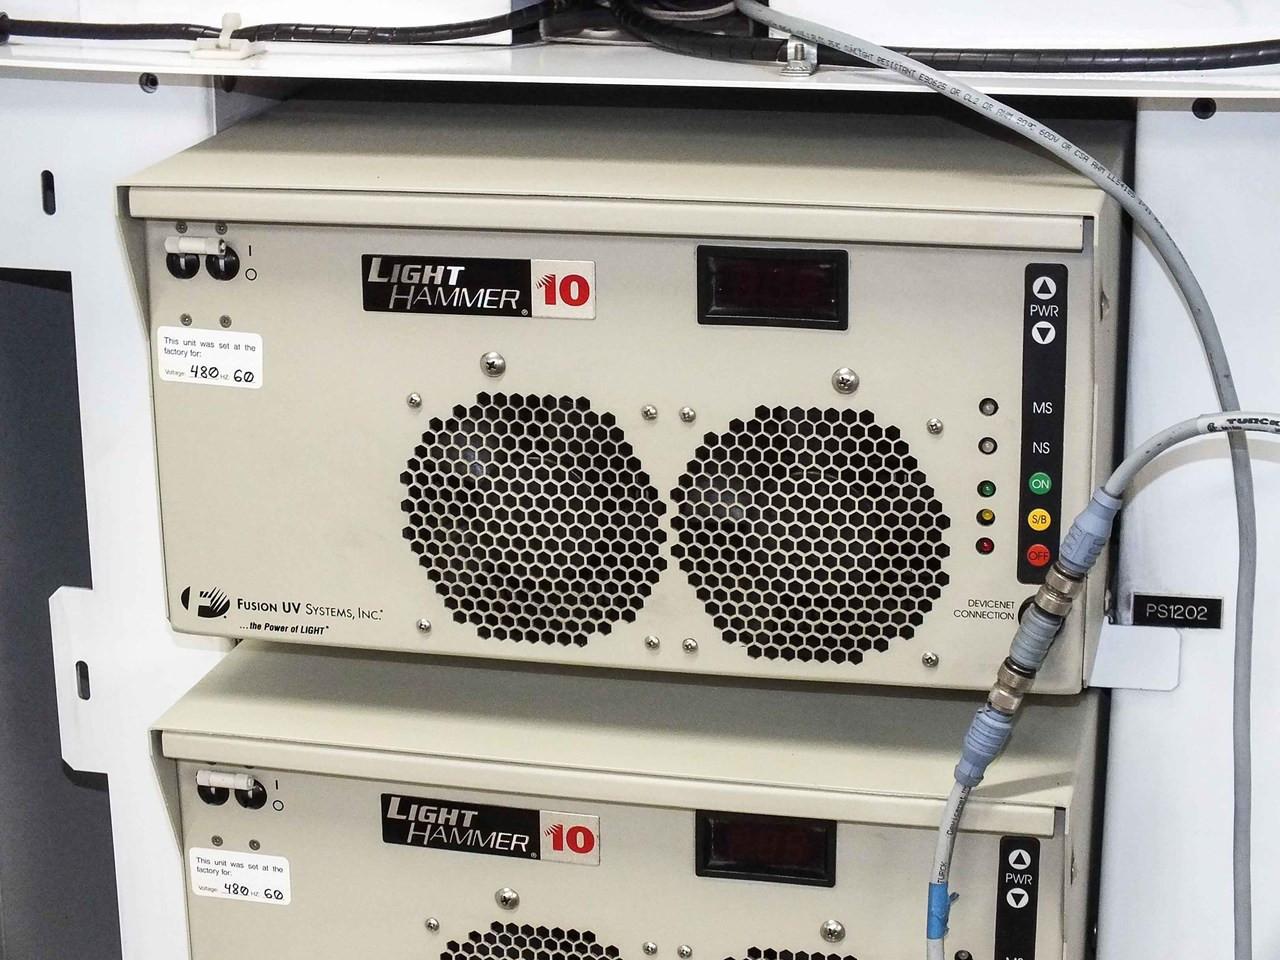 Fusion Uv Systems Mpe Lh10 4 3 Light Hammer 10 Irradiator